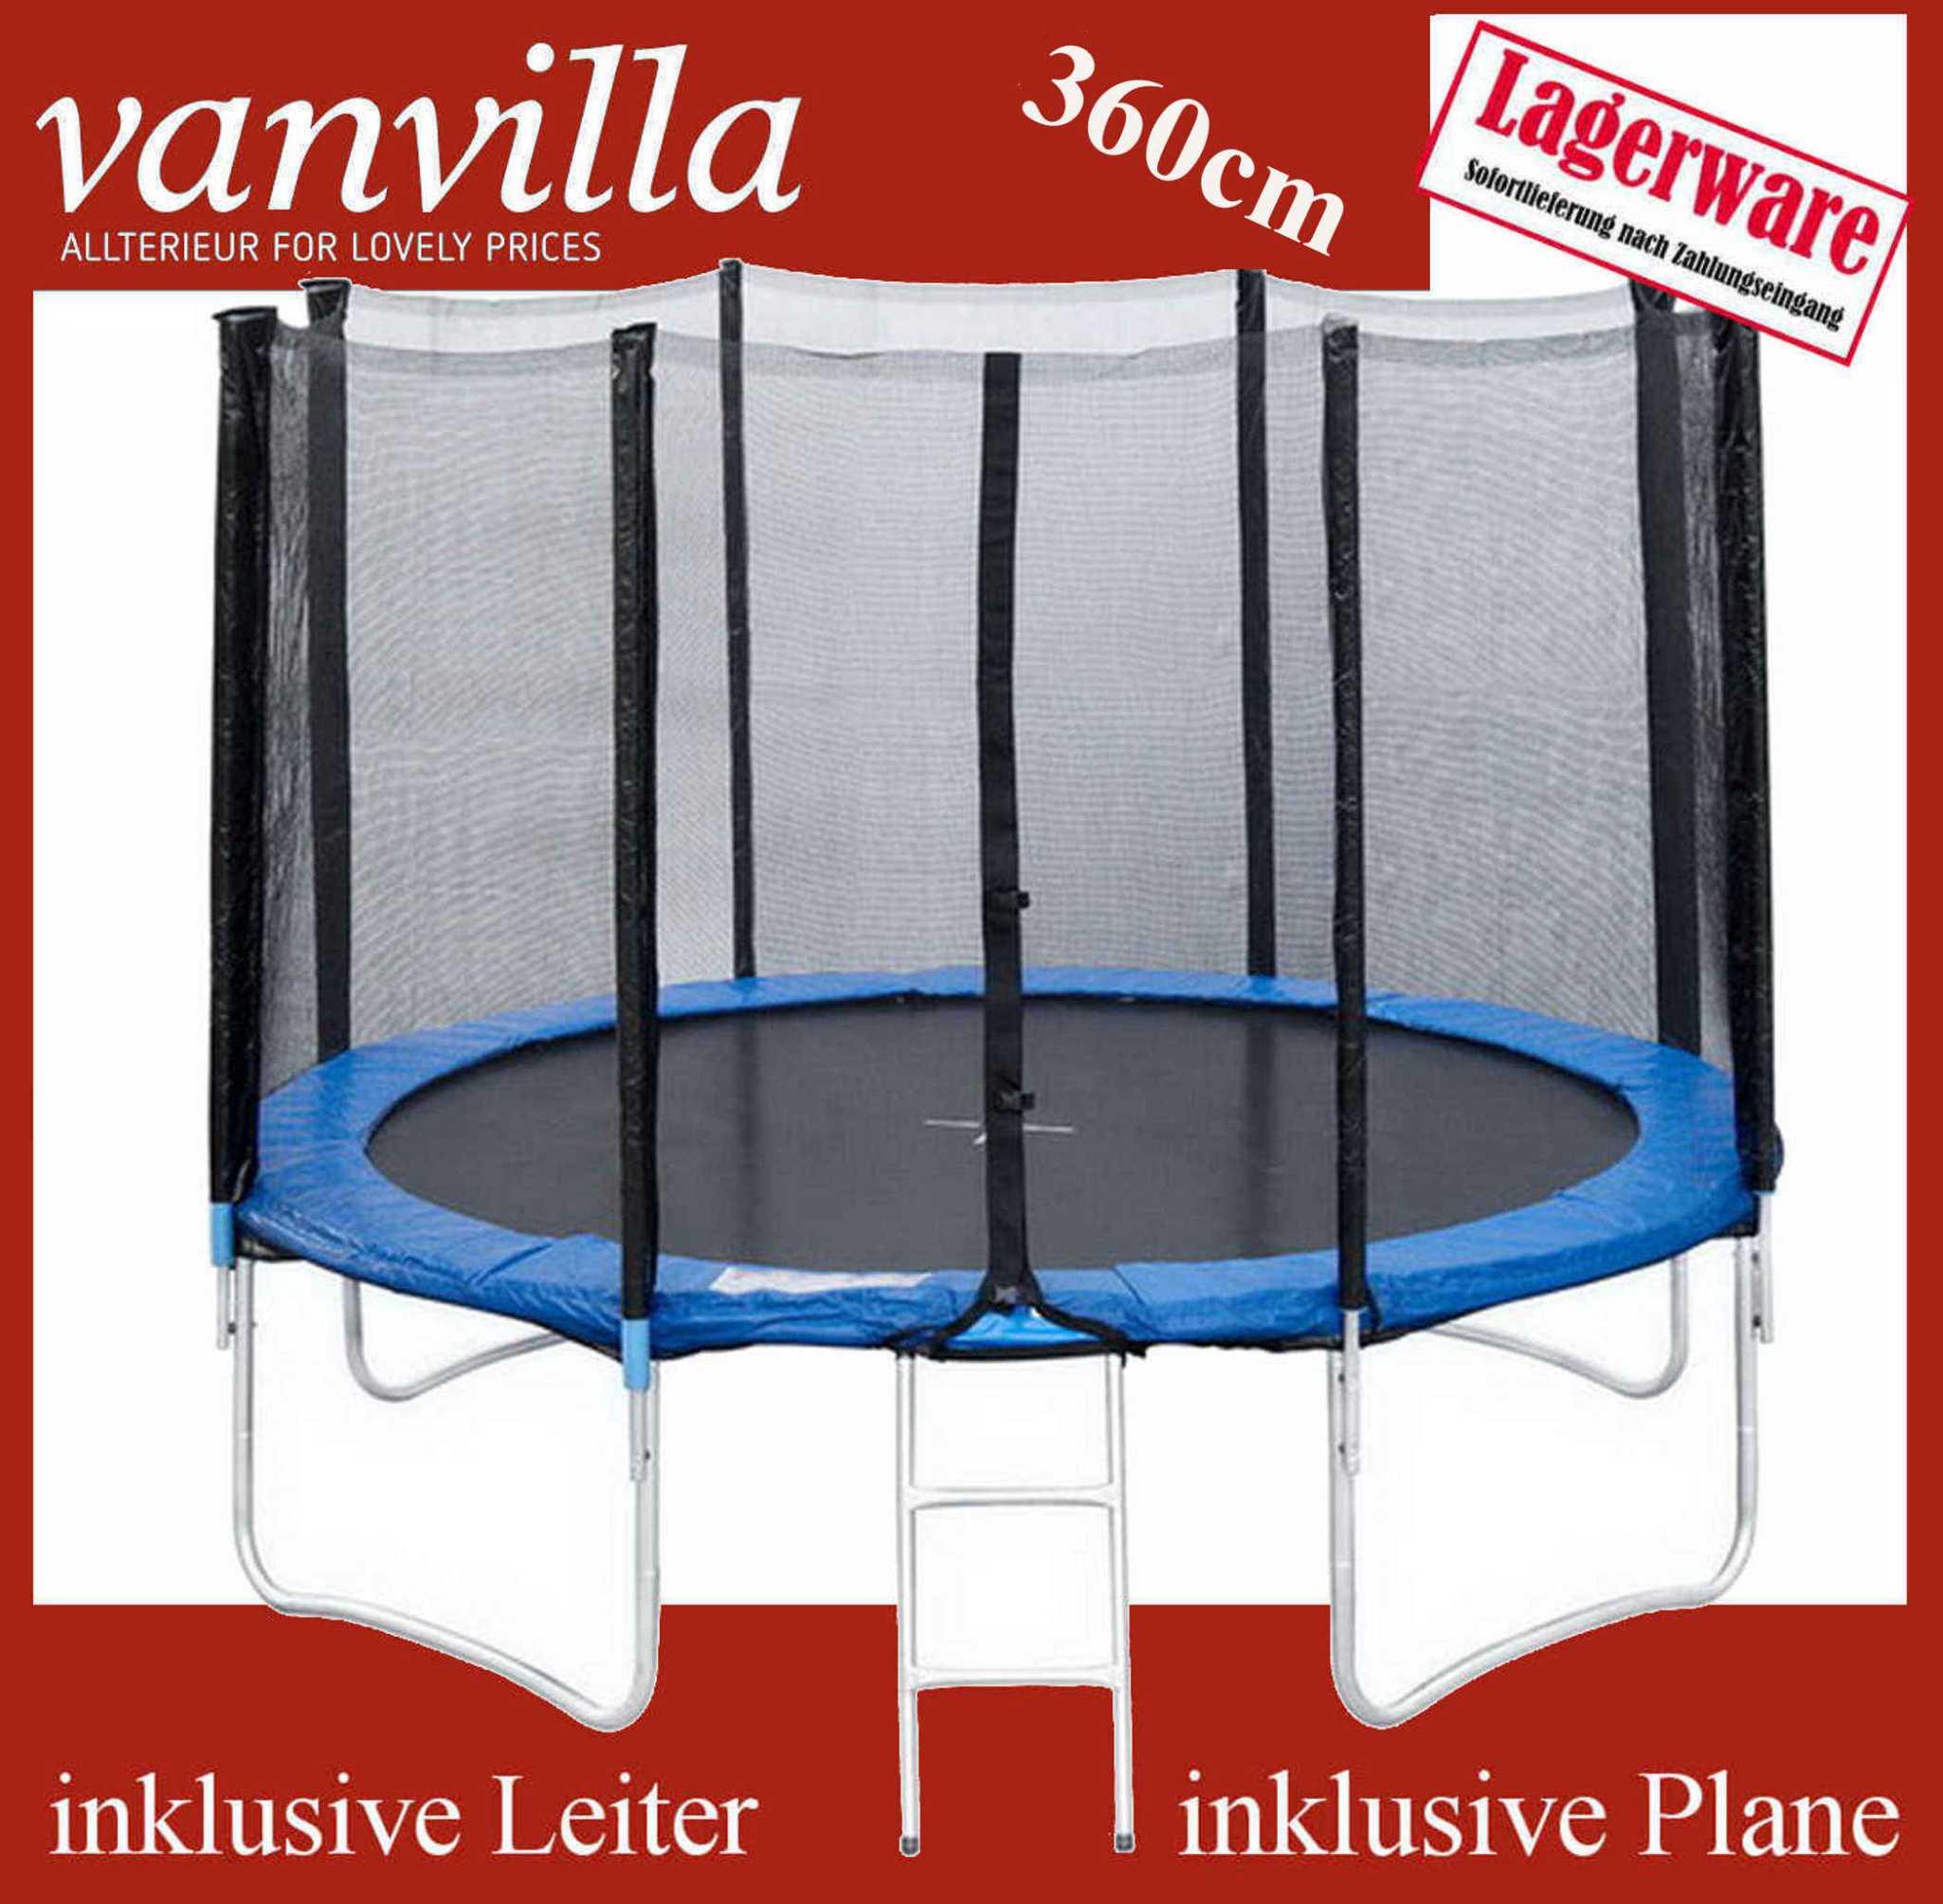 Trampolin 360cm, inkl. Leiter, Regenschutz, Sicherheitsnetz / 2 Kartons